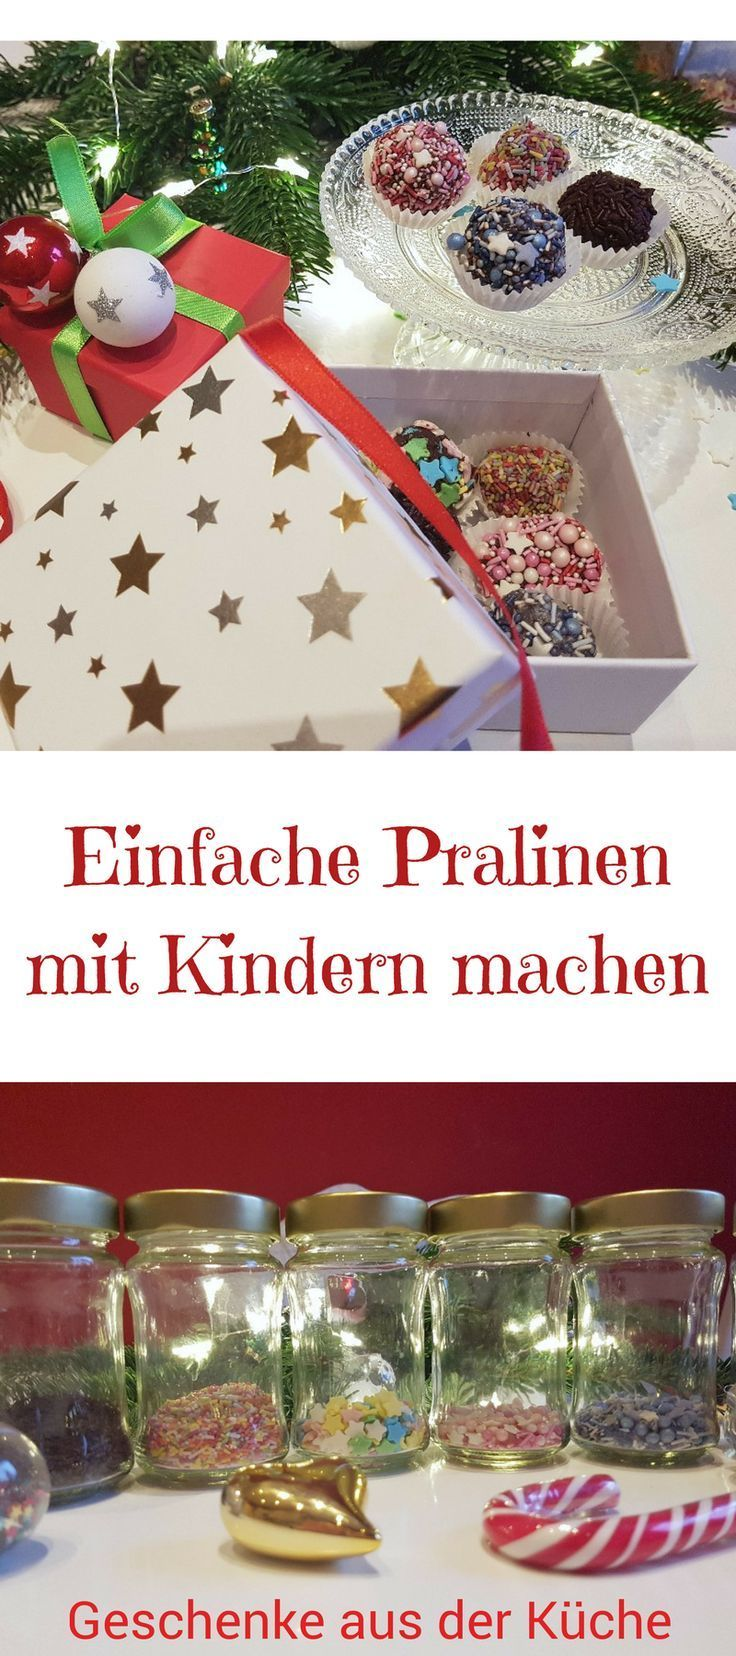 Anzeige: Rezept für einfache Pralinen mit Kindern - SIMPLYLOVELYCHAOS #kleinegeschenkeweihnachten